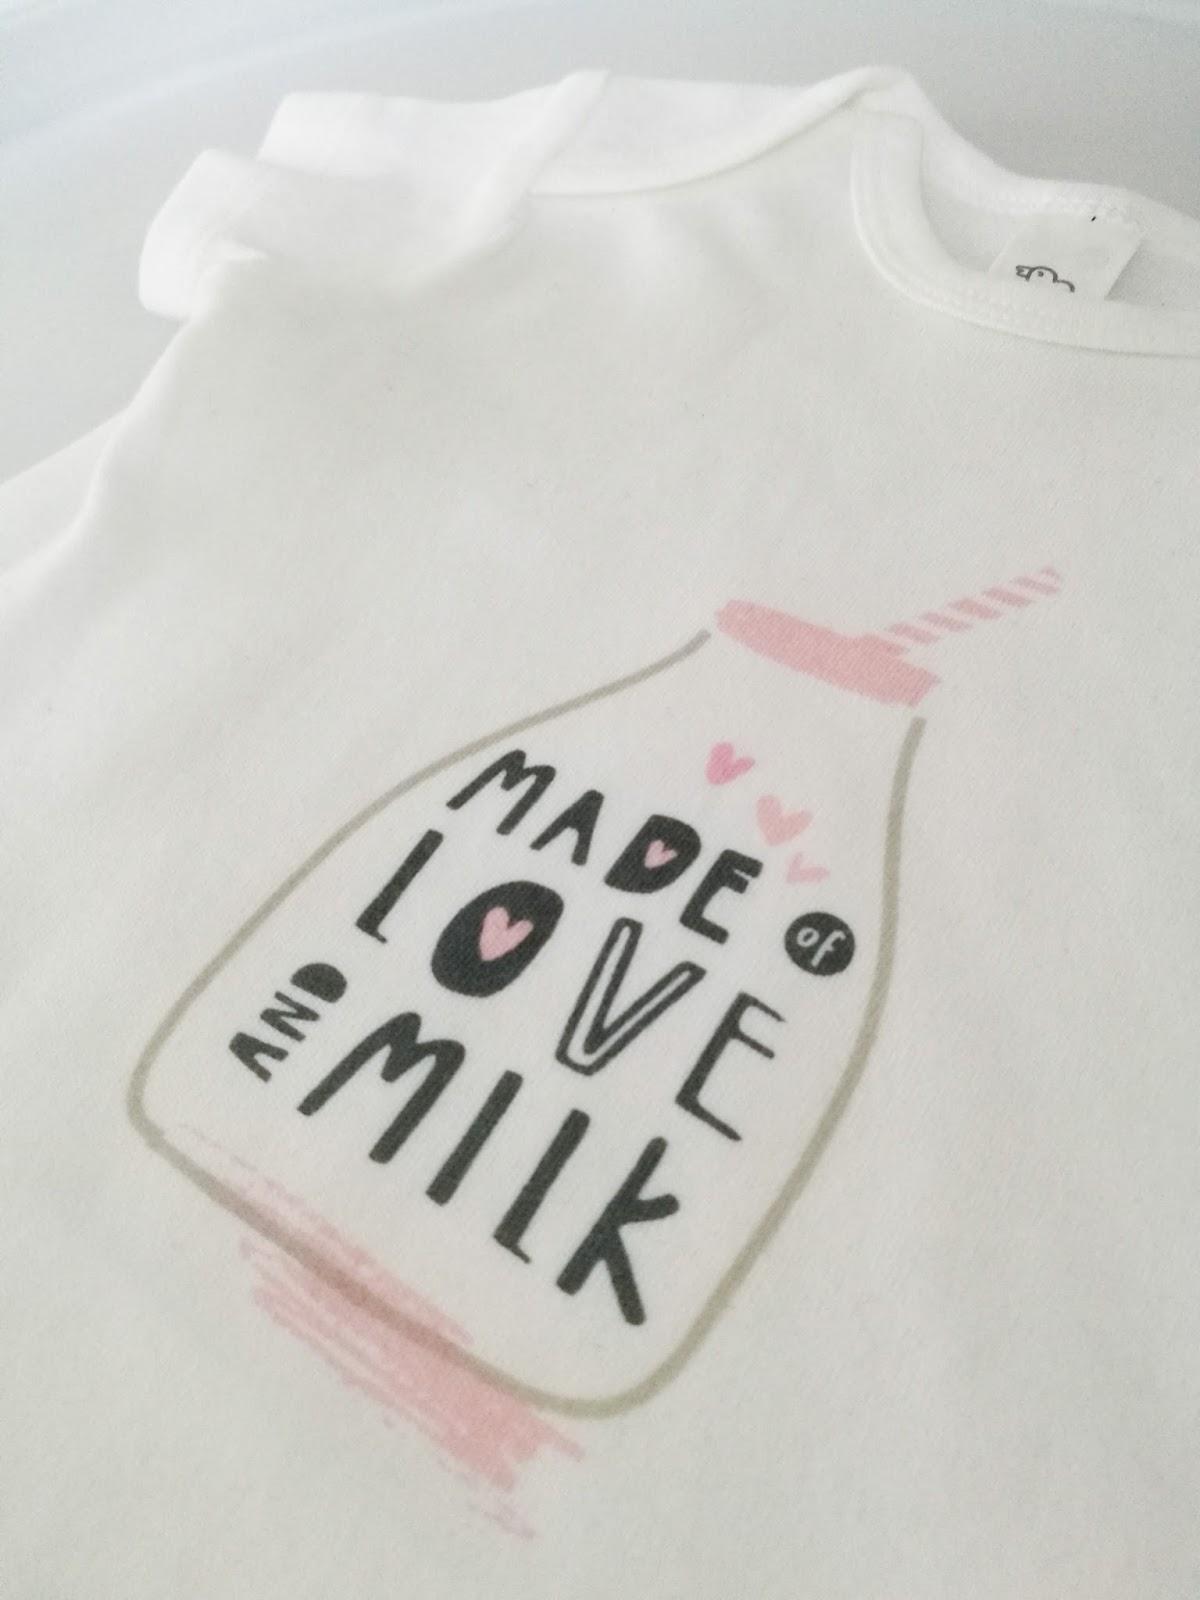 Saippuakuplia olohuoneessa -blogi, kuva Hanna Poikkilehto, imetys, body, love, milk, made of, lapsi, taapero, vauva, äitiys,